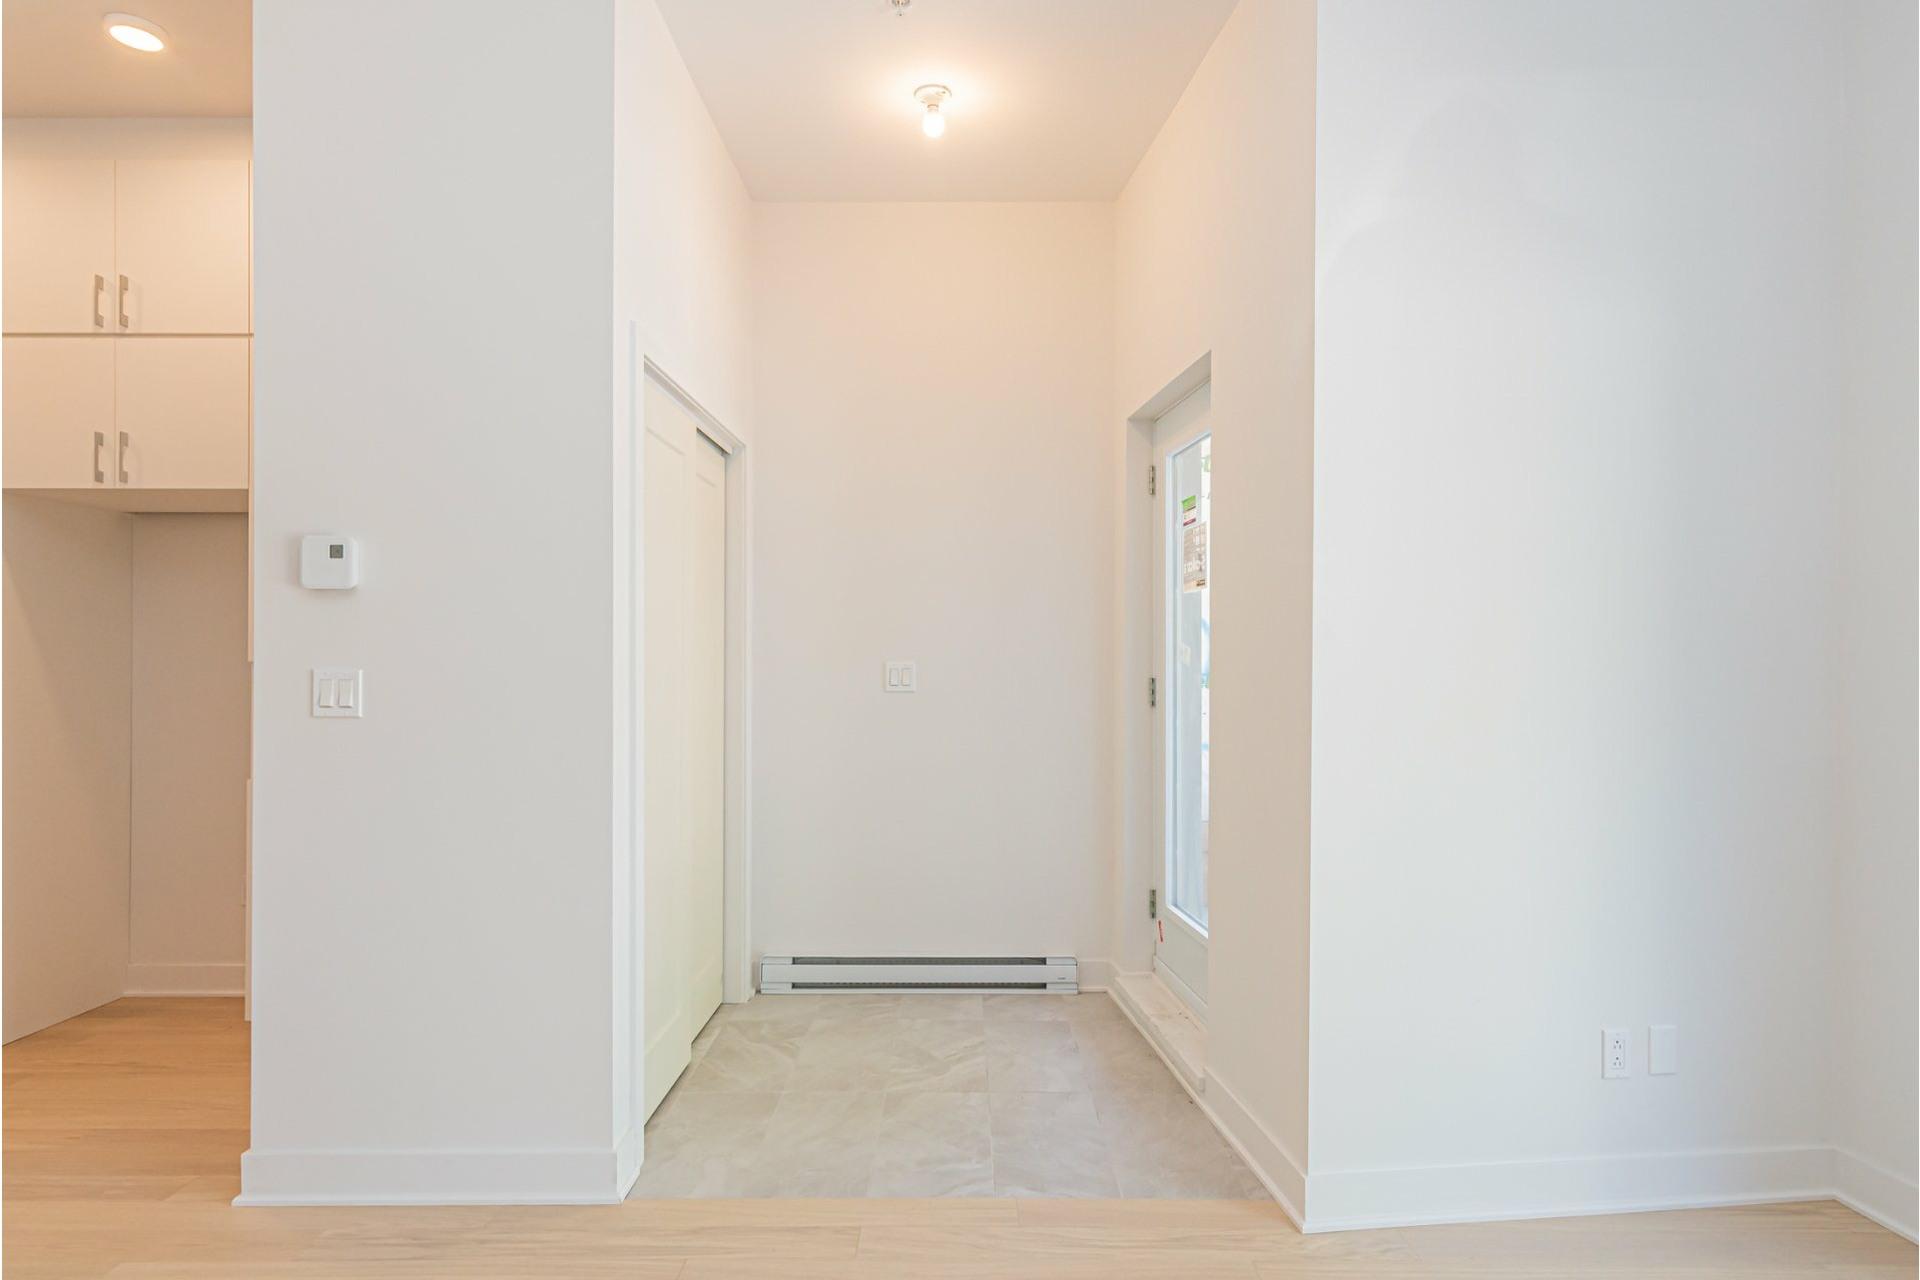 image 23 - Apartment For sale Rosemont/La Petite-Patrie Montréal  - 5 rooms